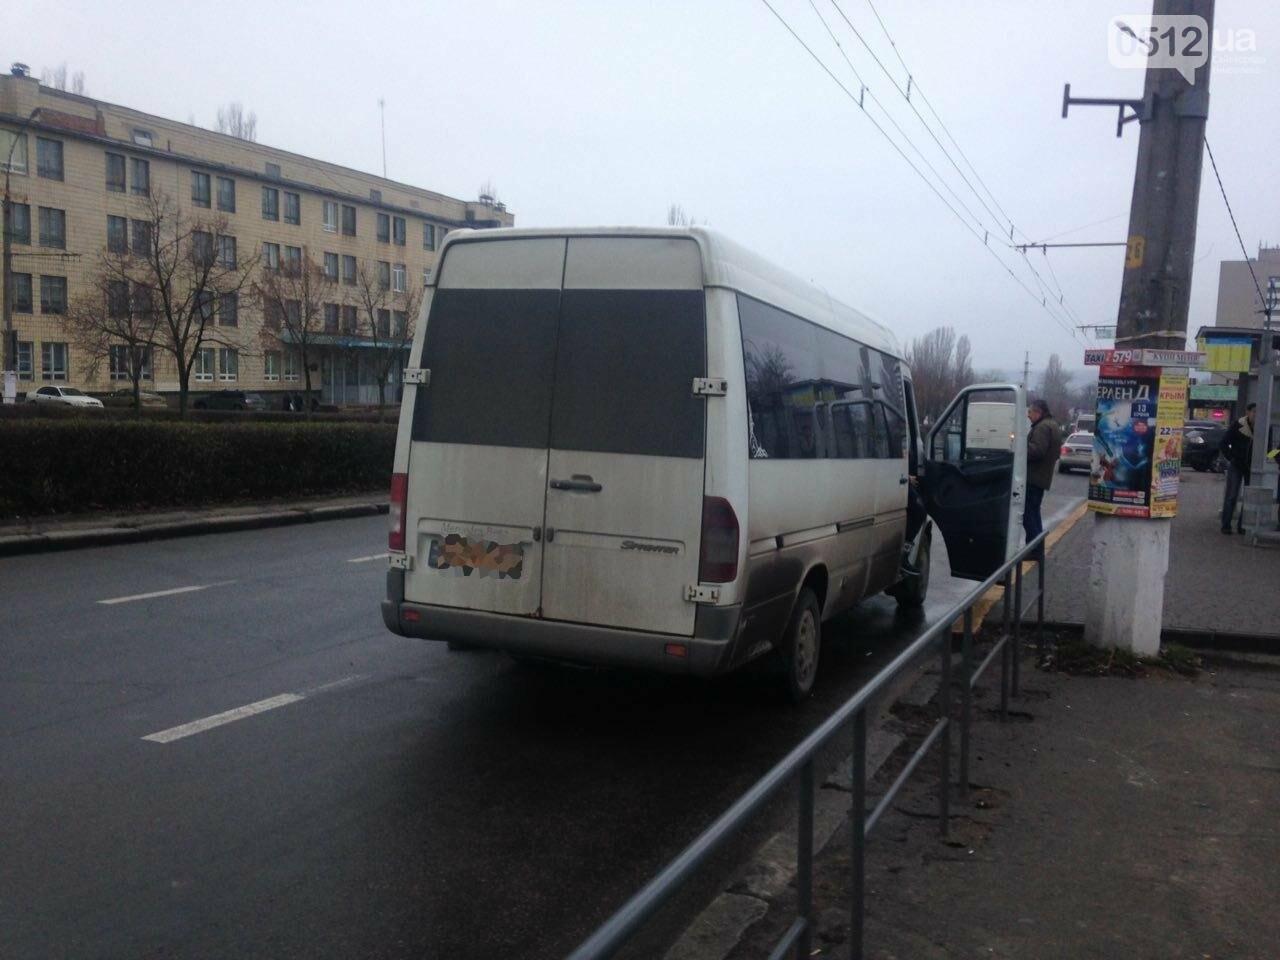 Возле Центрального стадиона в Николаеве маршрутка с пассажирами столкнулась с ВАЗом, - ФОТО, фото-2